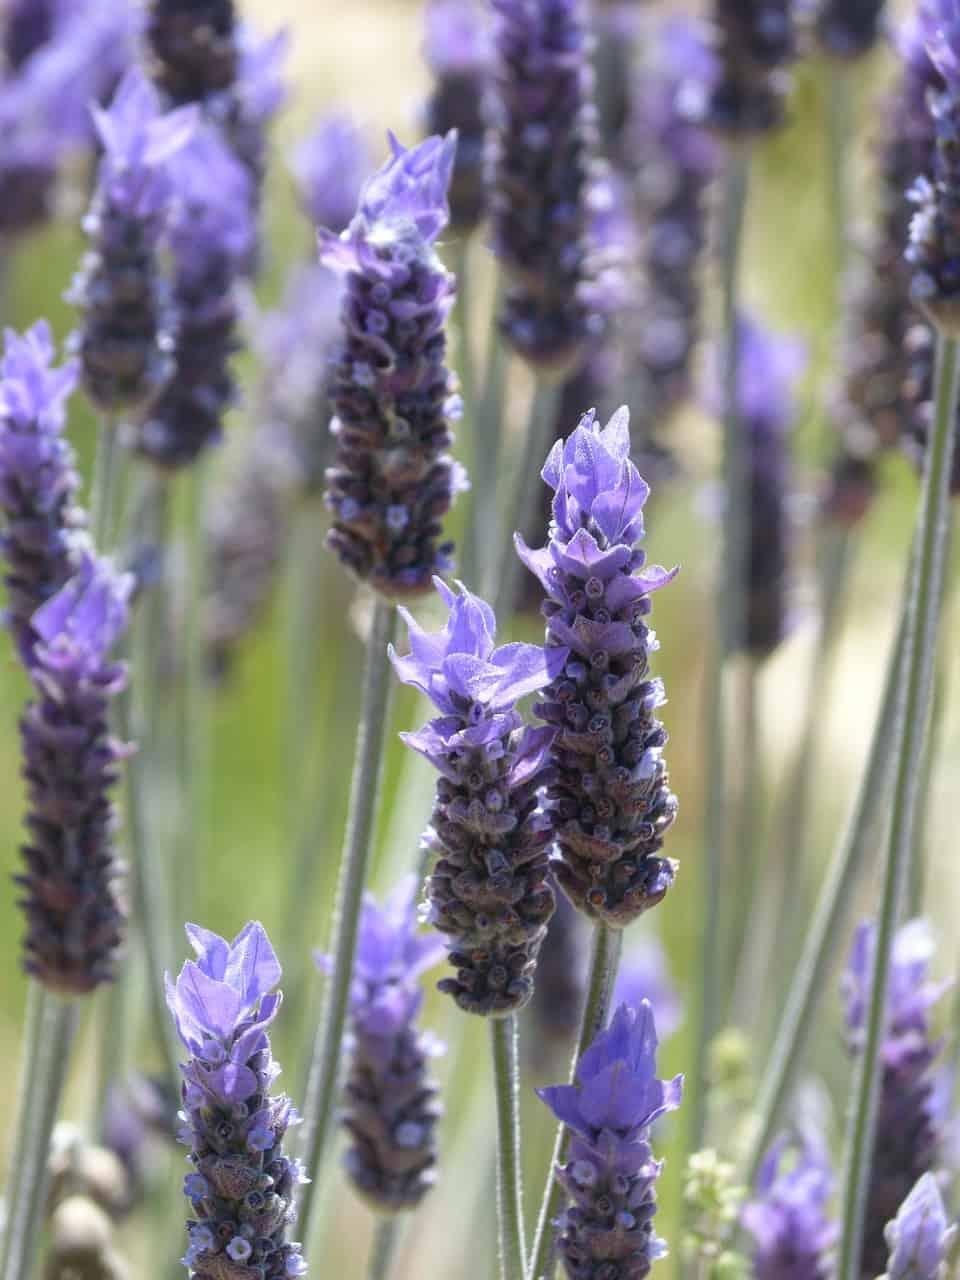 Qué ventajas tiene cultivar plantas aromáticas en nuestro jardín o huerto